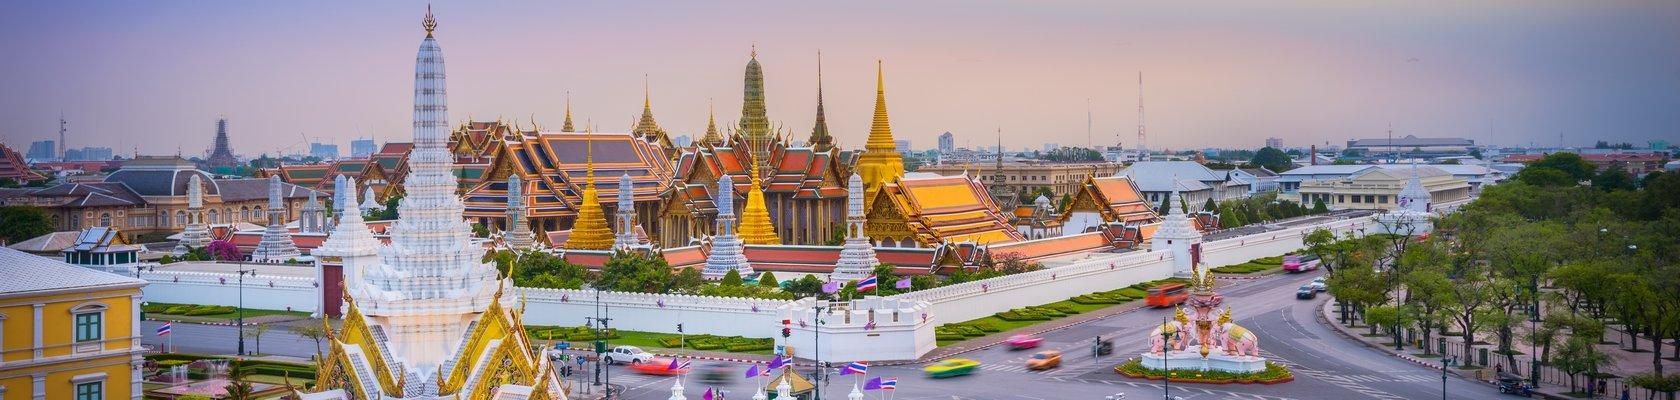 Het oude centrum van Bangkok